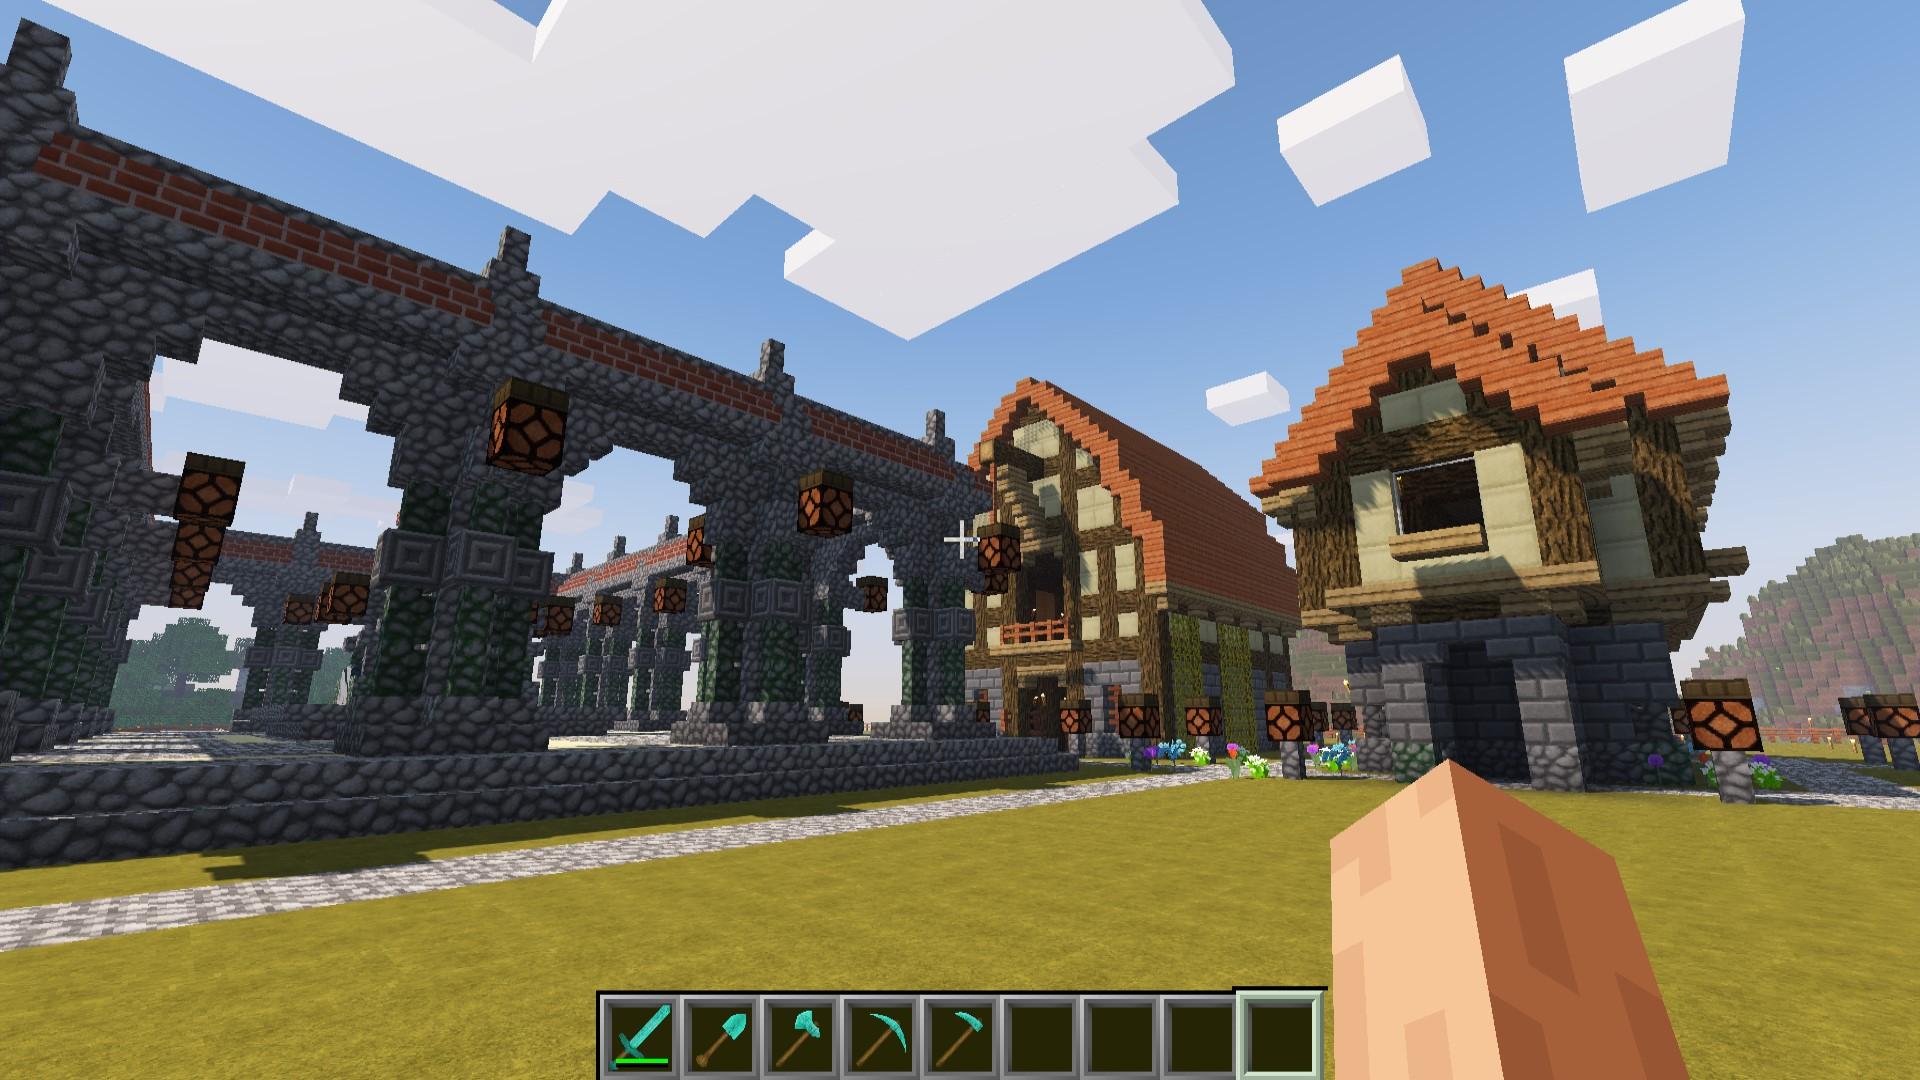 Diesem Video Zeige Ich Euch Minecraft Mainram - Minecraft hexenhauser